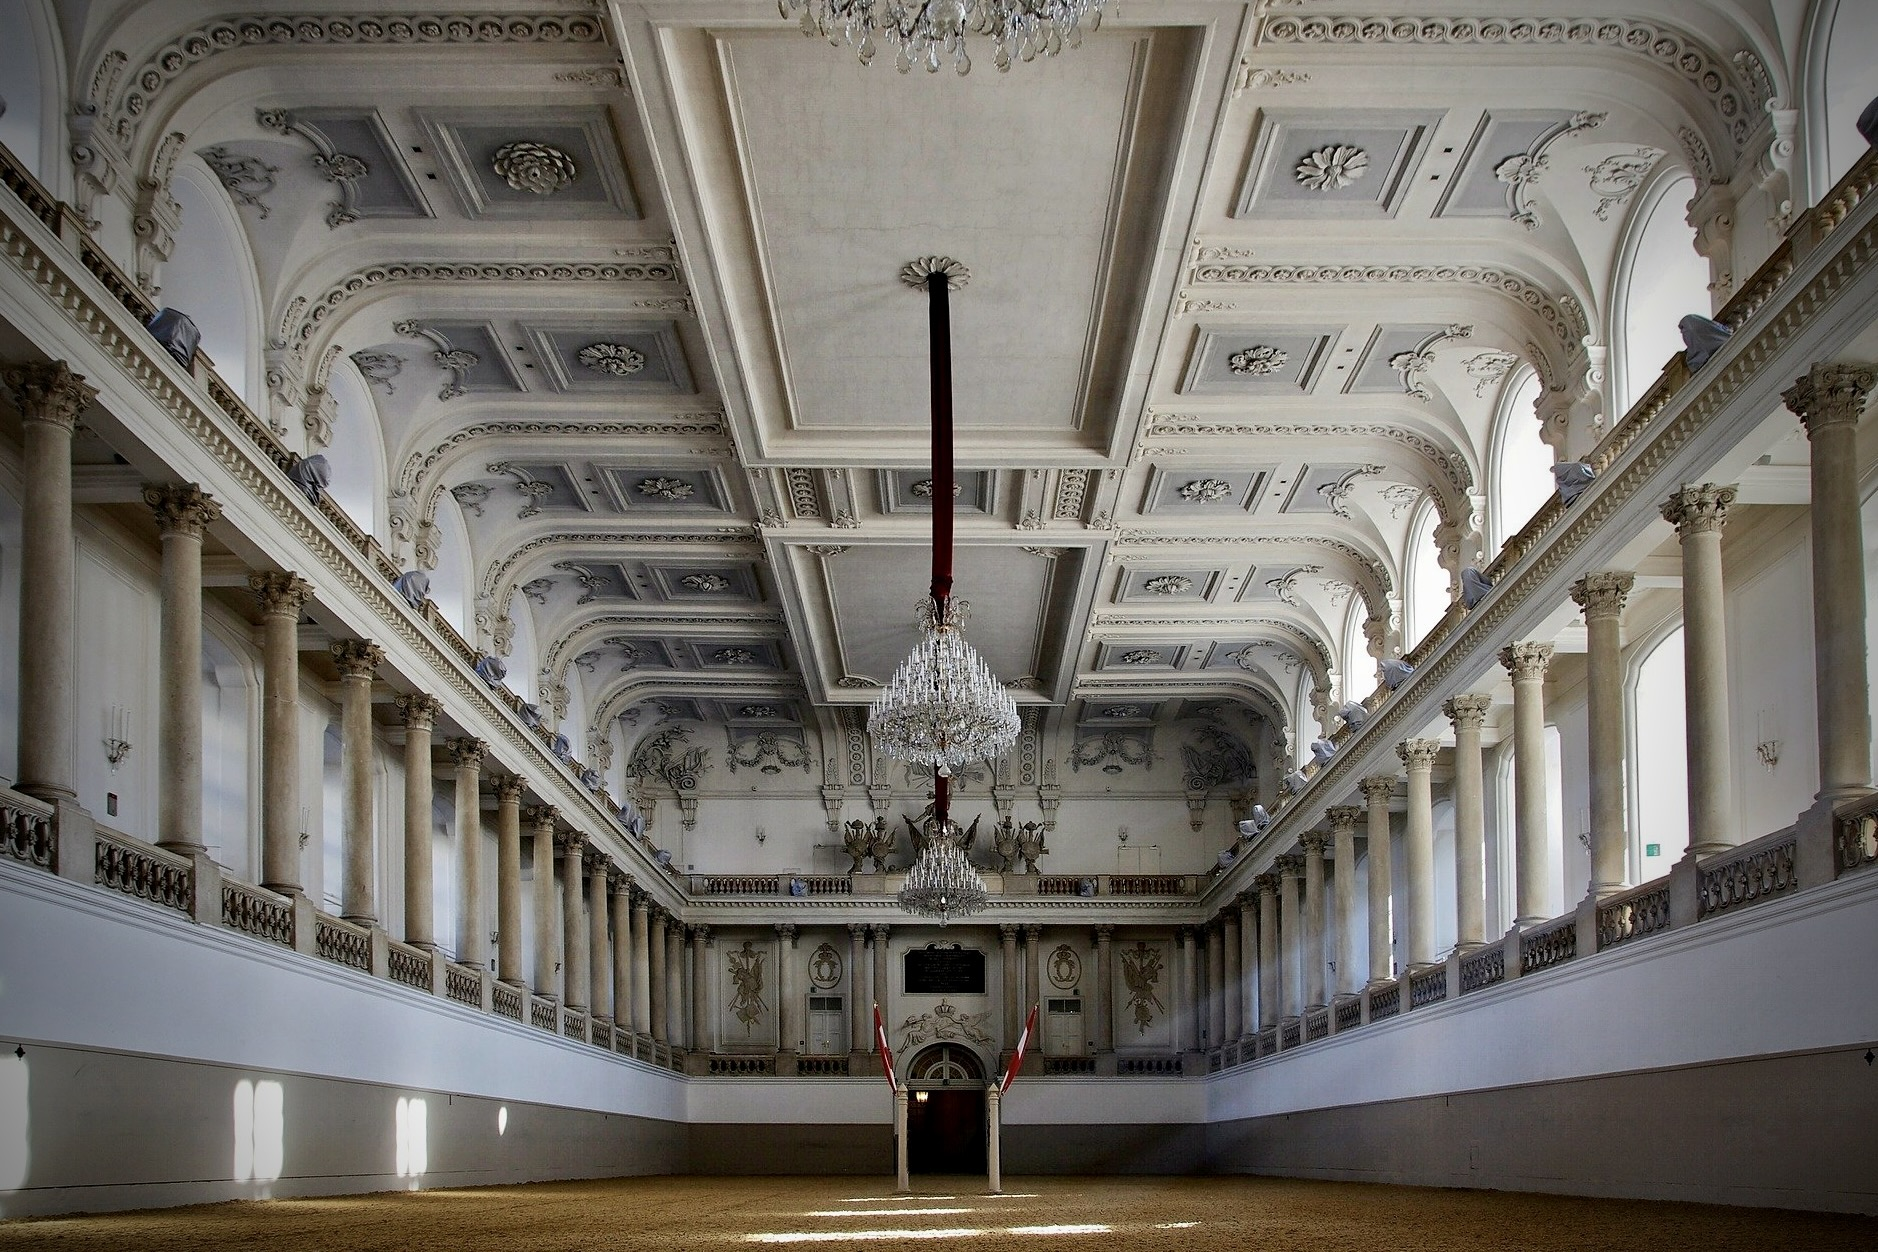 Eine der beliebtesten Wien Sehenswürdigkeiten ist die Spanische Hofreitschule